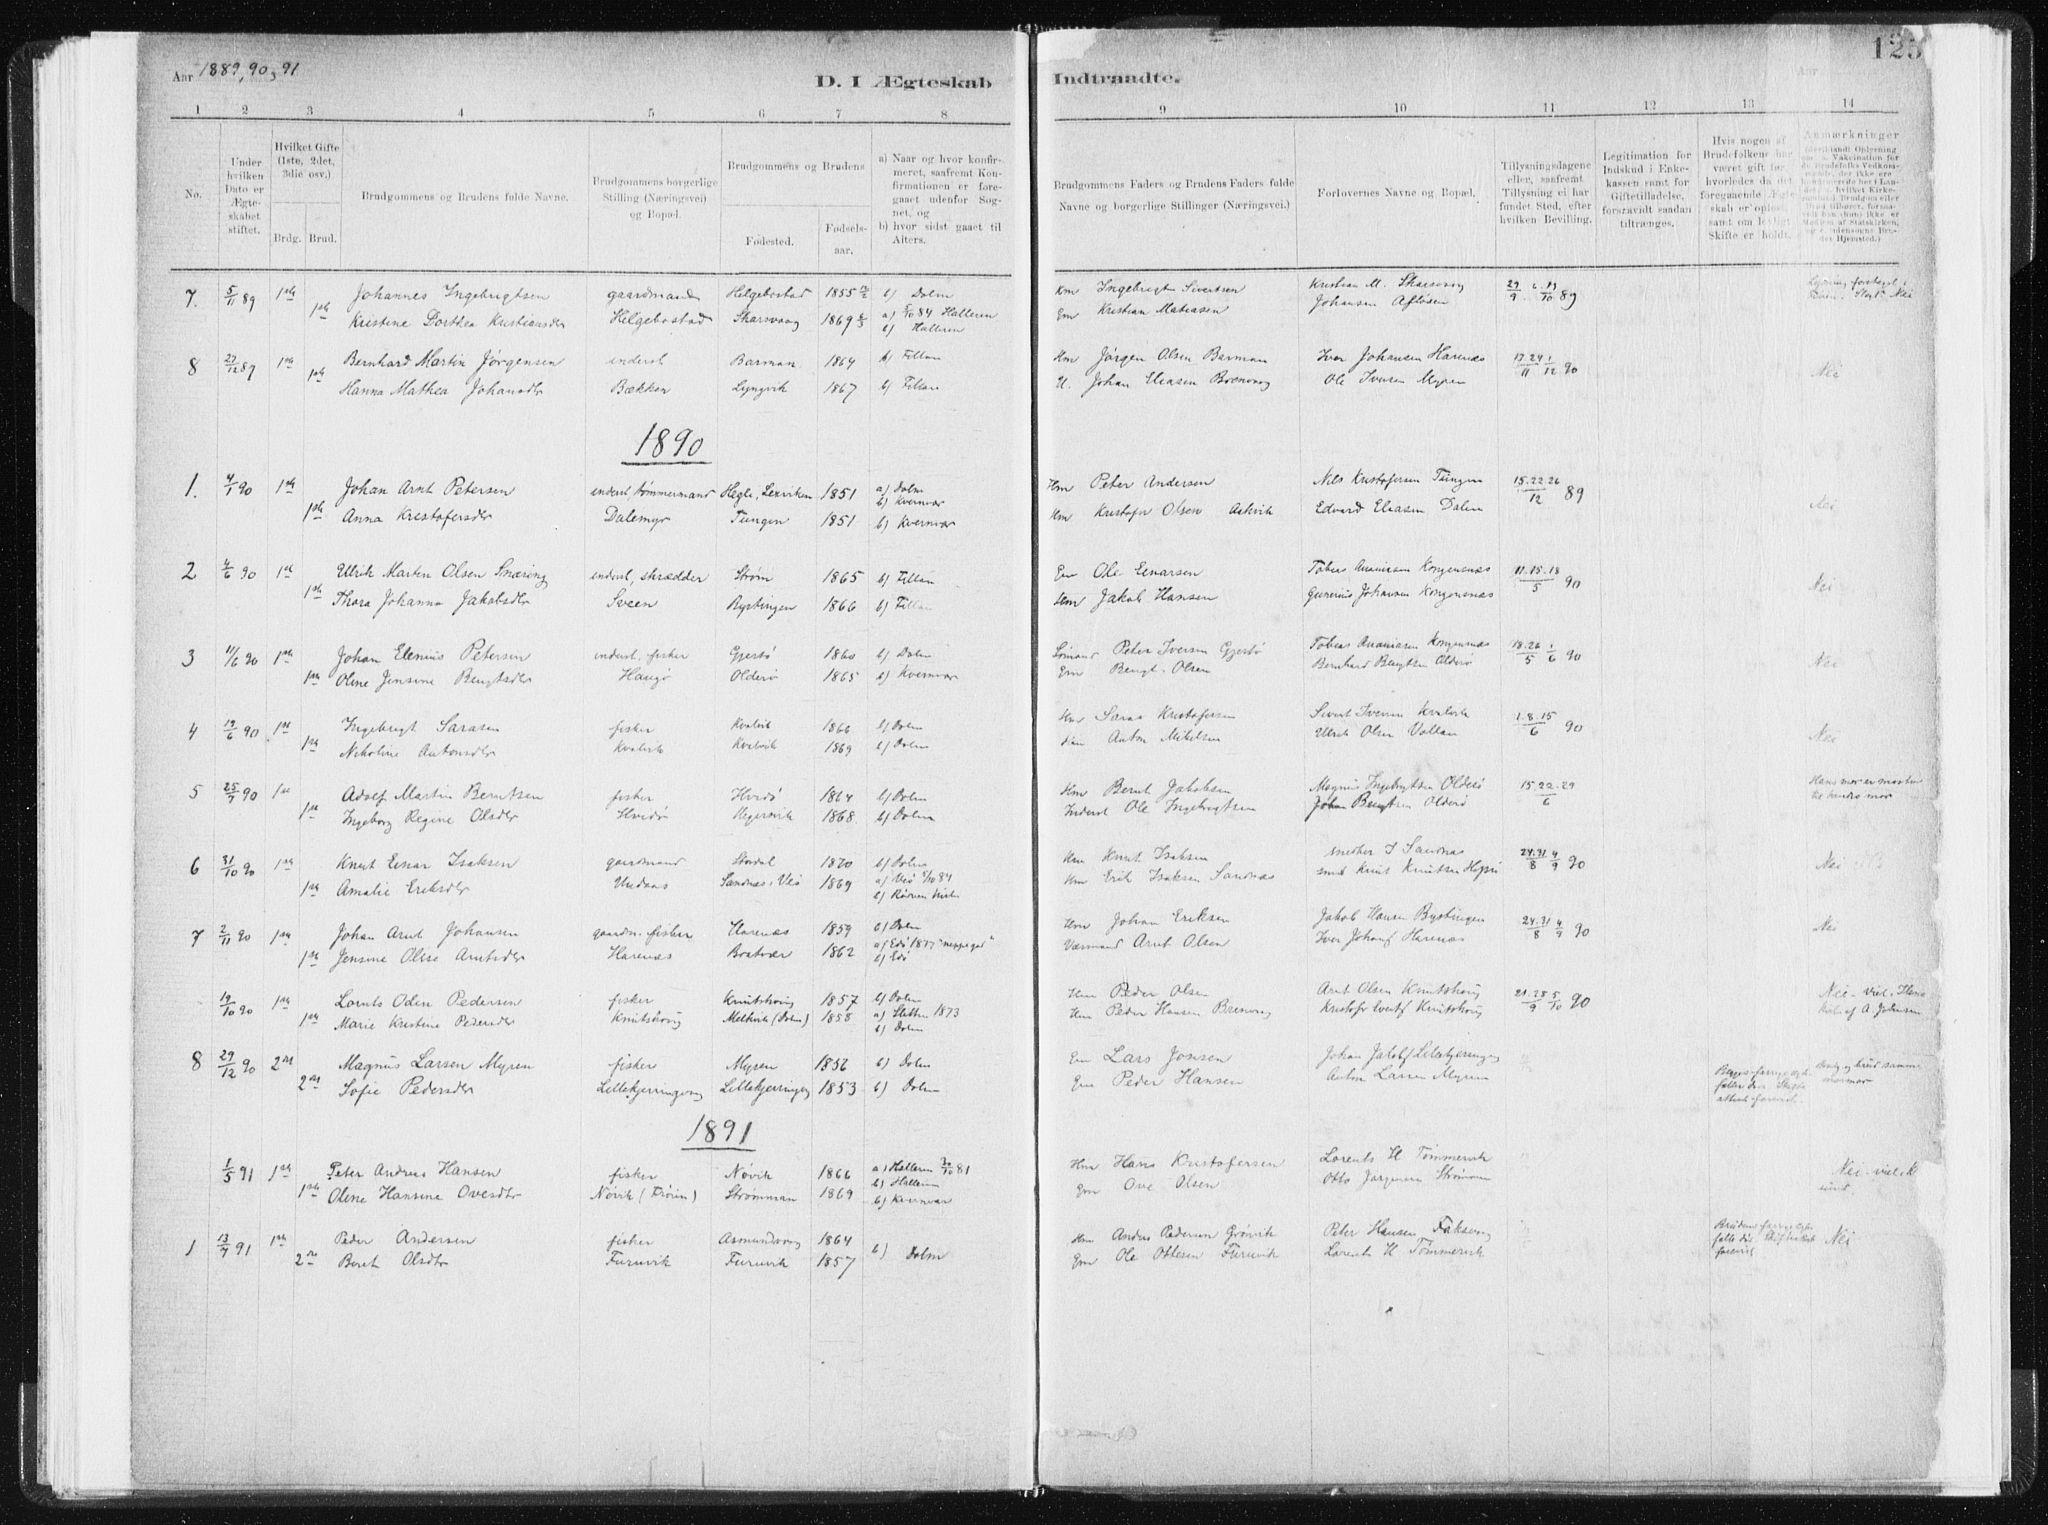 SAT, Ministerialprotokoller, klokkerbøker og fødselsregistre - Sør-Trøndelag, 634/L0533: Ministerialbok nr. 634A09, 1882-1901, s. 125